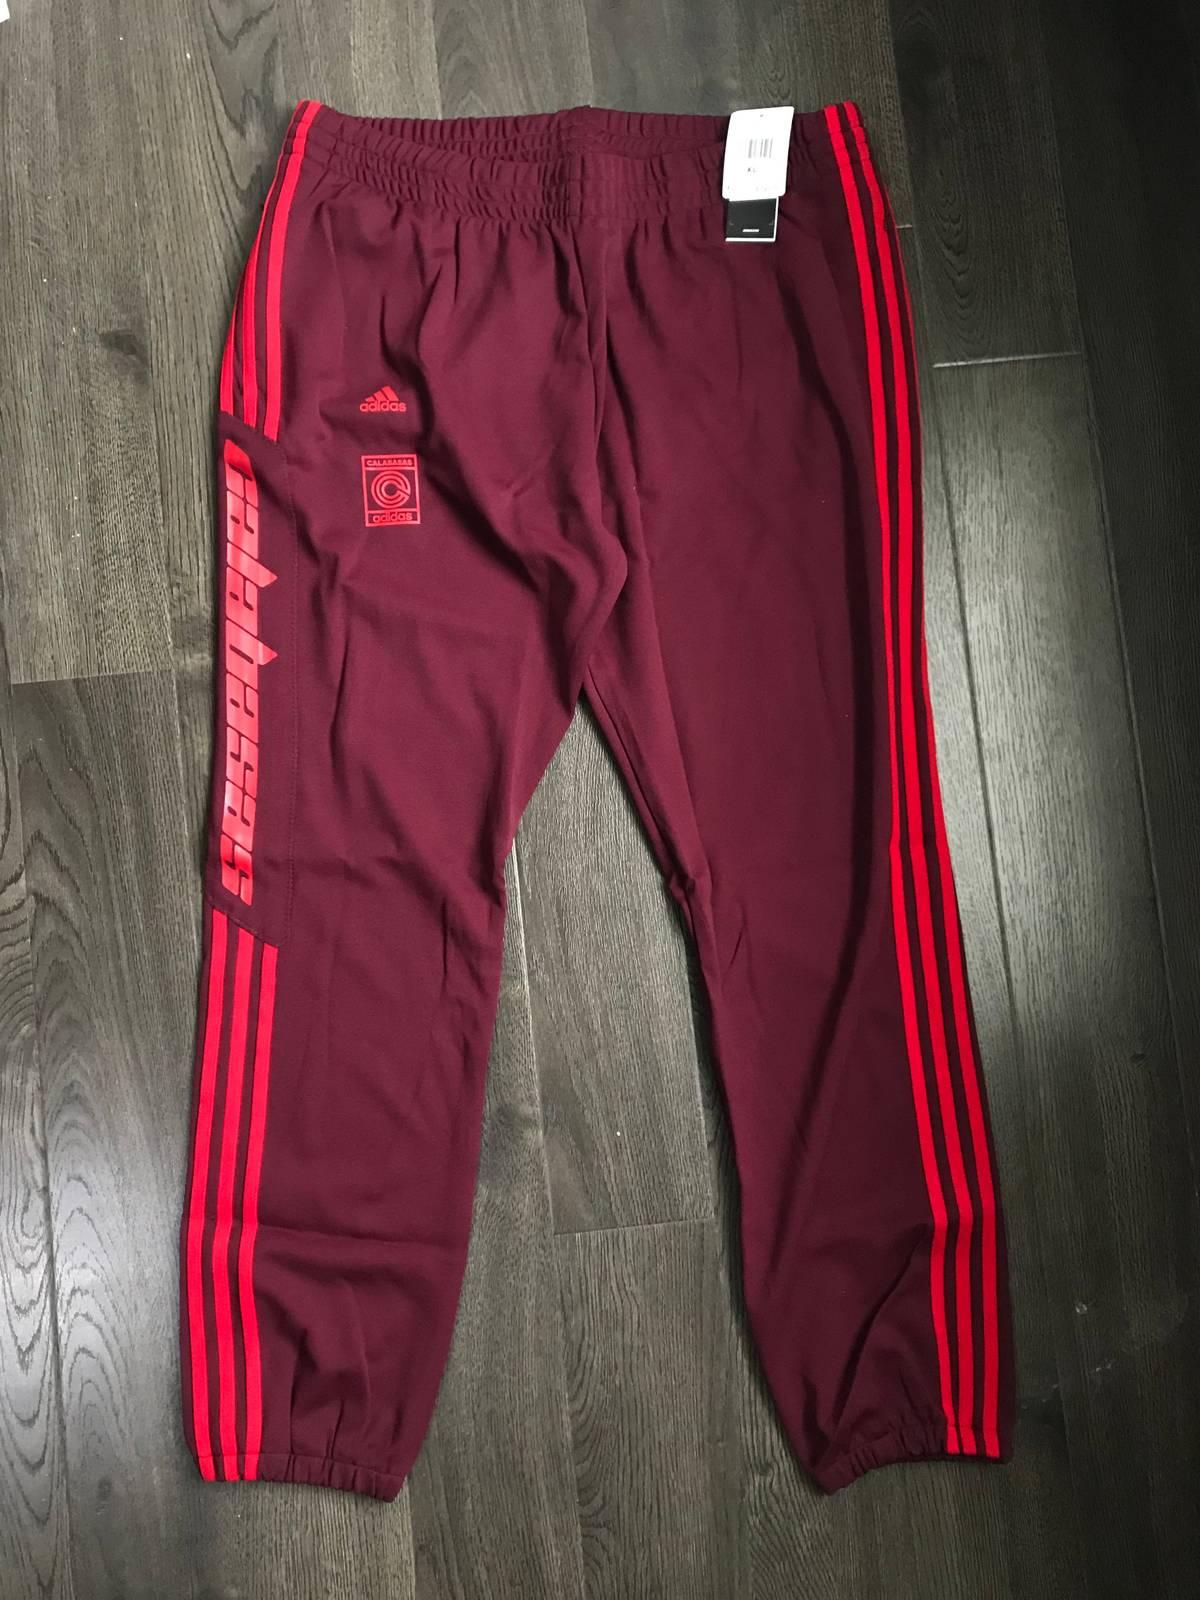 Adidas Adidas Yeezy Calabasas Track Pant Sweatpants Maroon Scarlet Kanye West Sweats Size L Large Size 34 $155